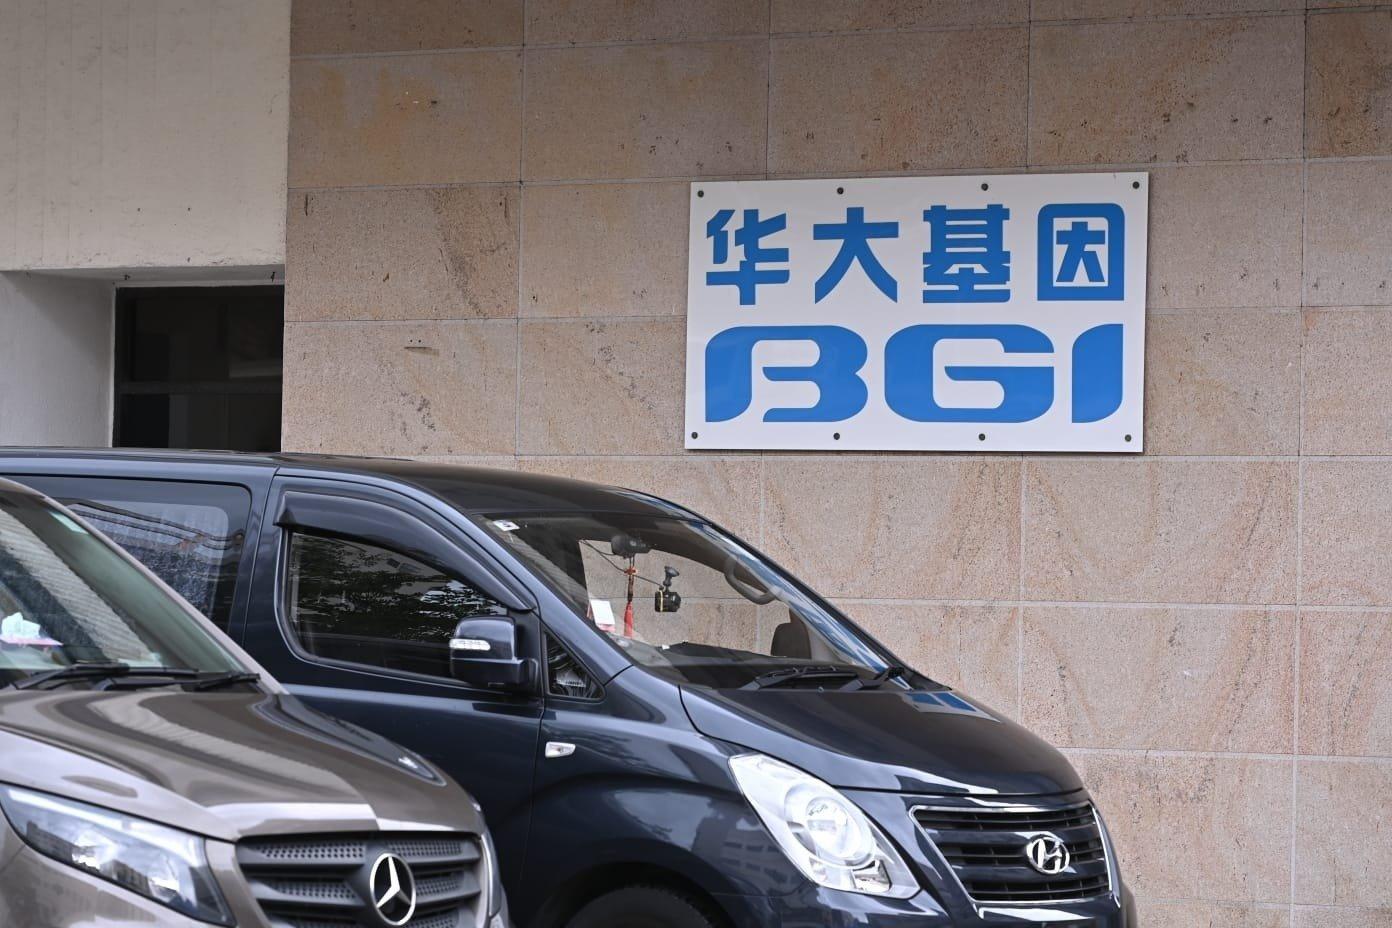 8月14日,一間英國基因科技公司入稟香港高等法院,控告華大及其相關公司出售的基因測序試劑套裝侵犯其在港註冊的專利。(大紀元資料圖片)